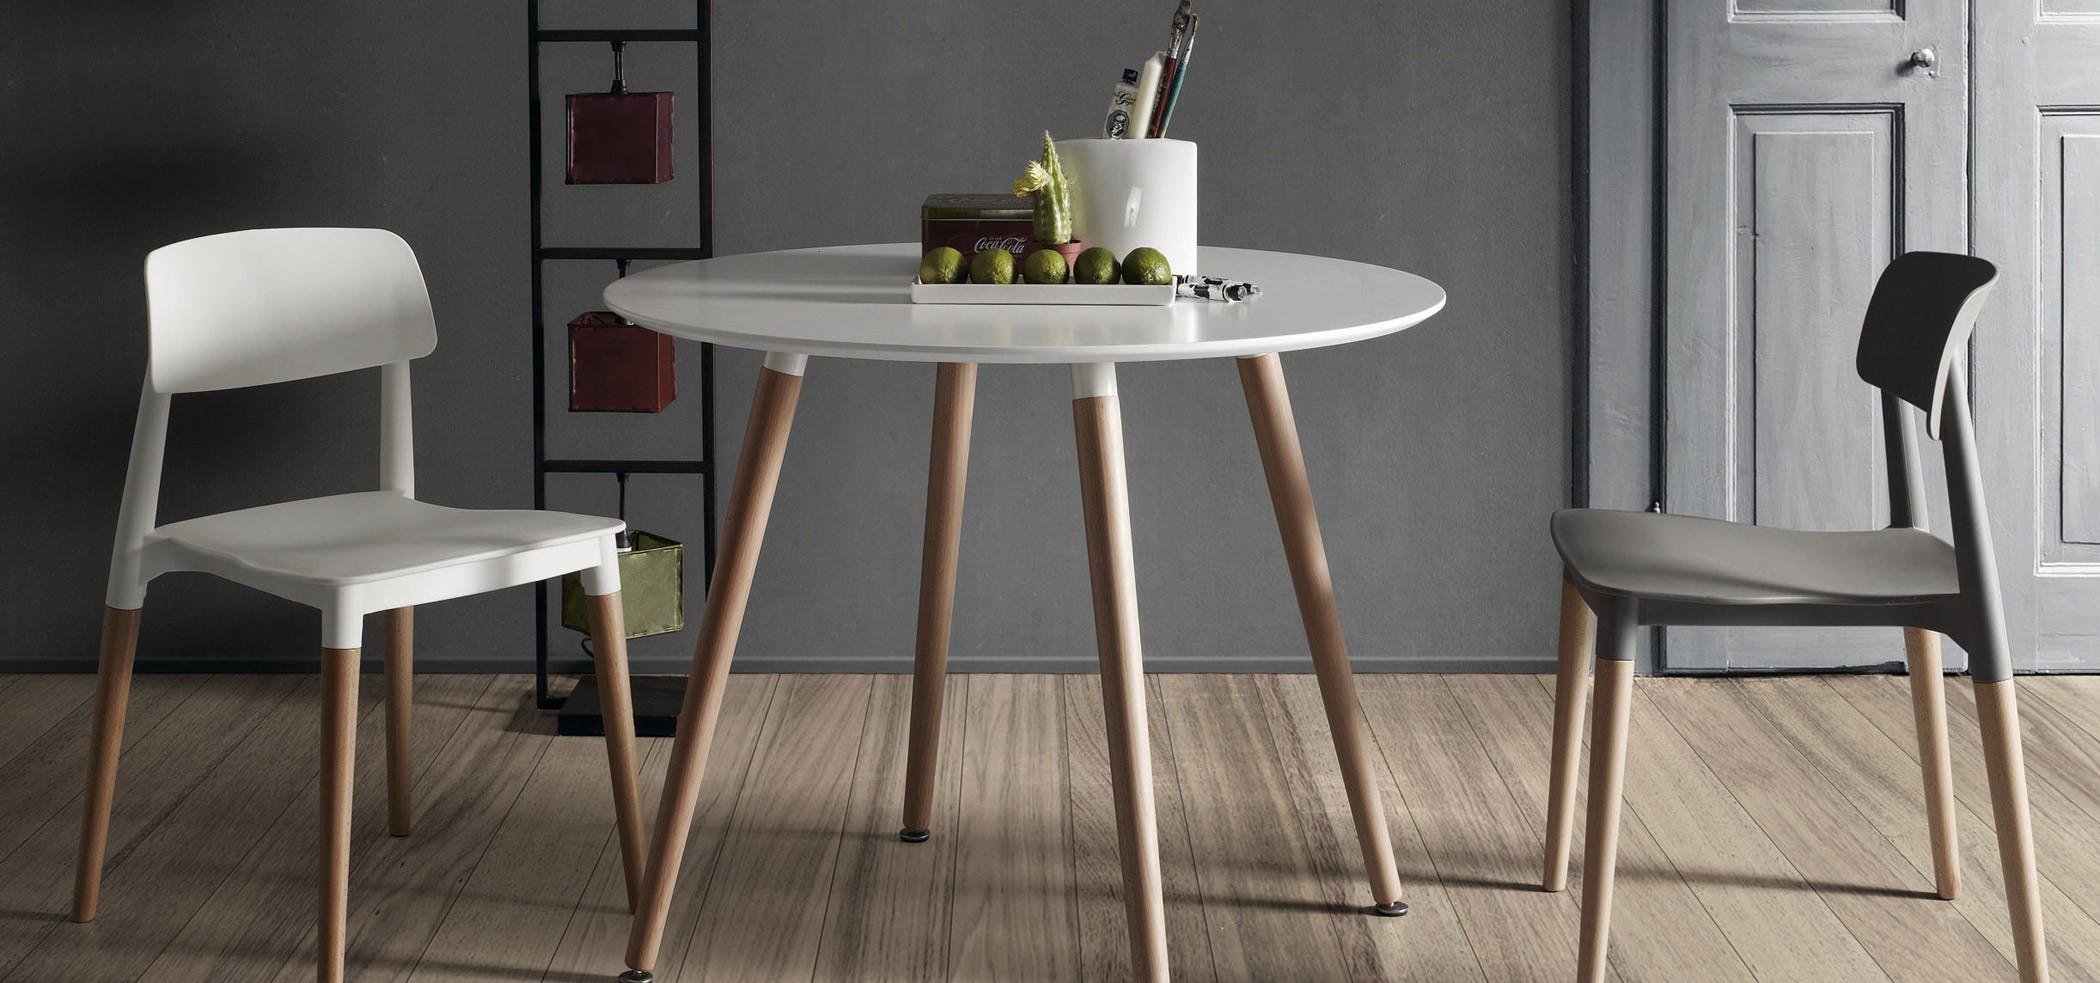 DOZE R fixée table ronde diam. 100 cm blanc laqué table en bois ...